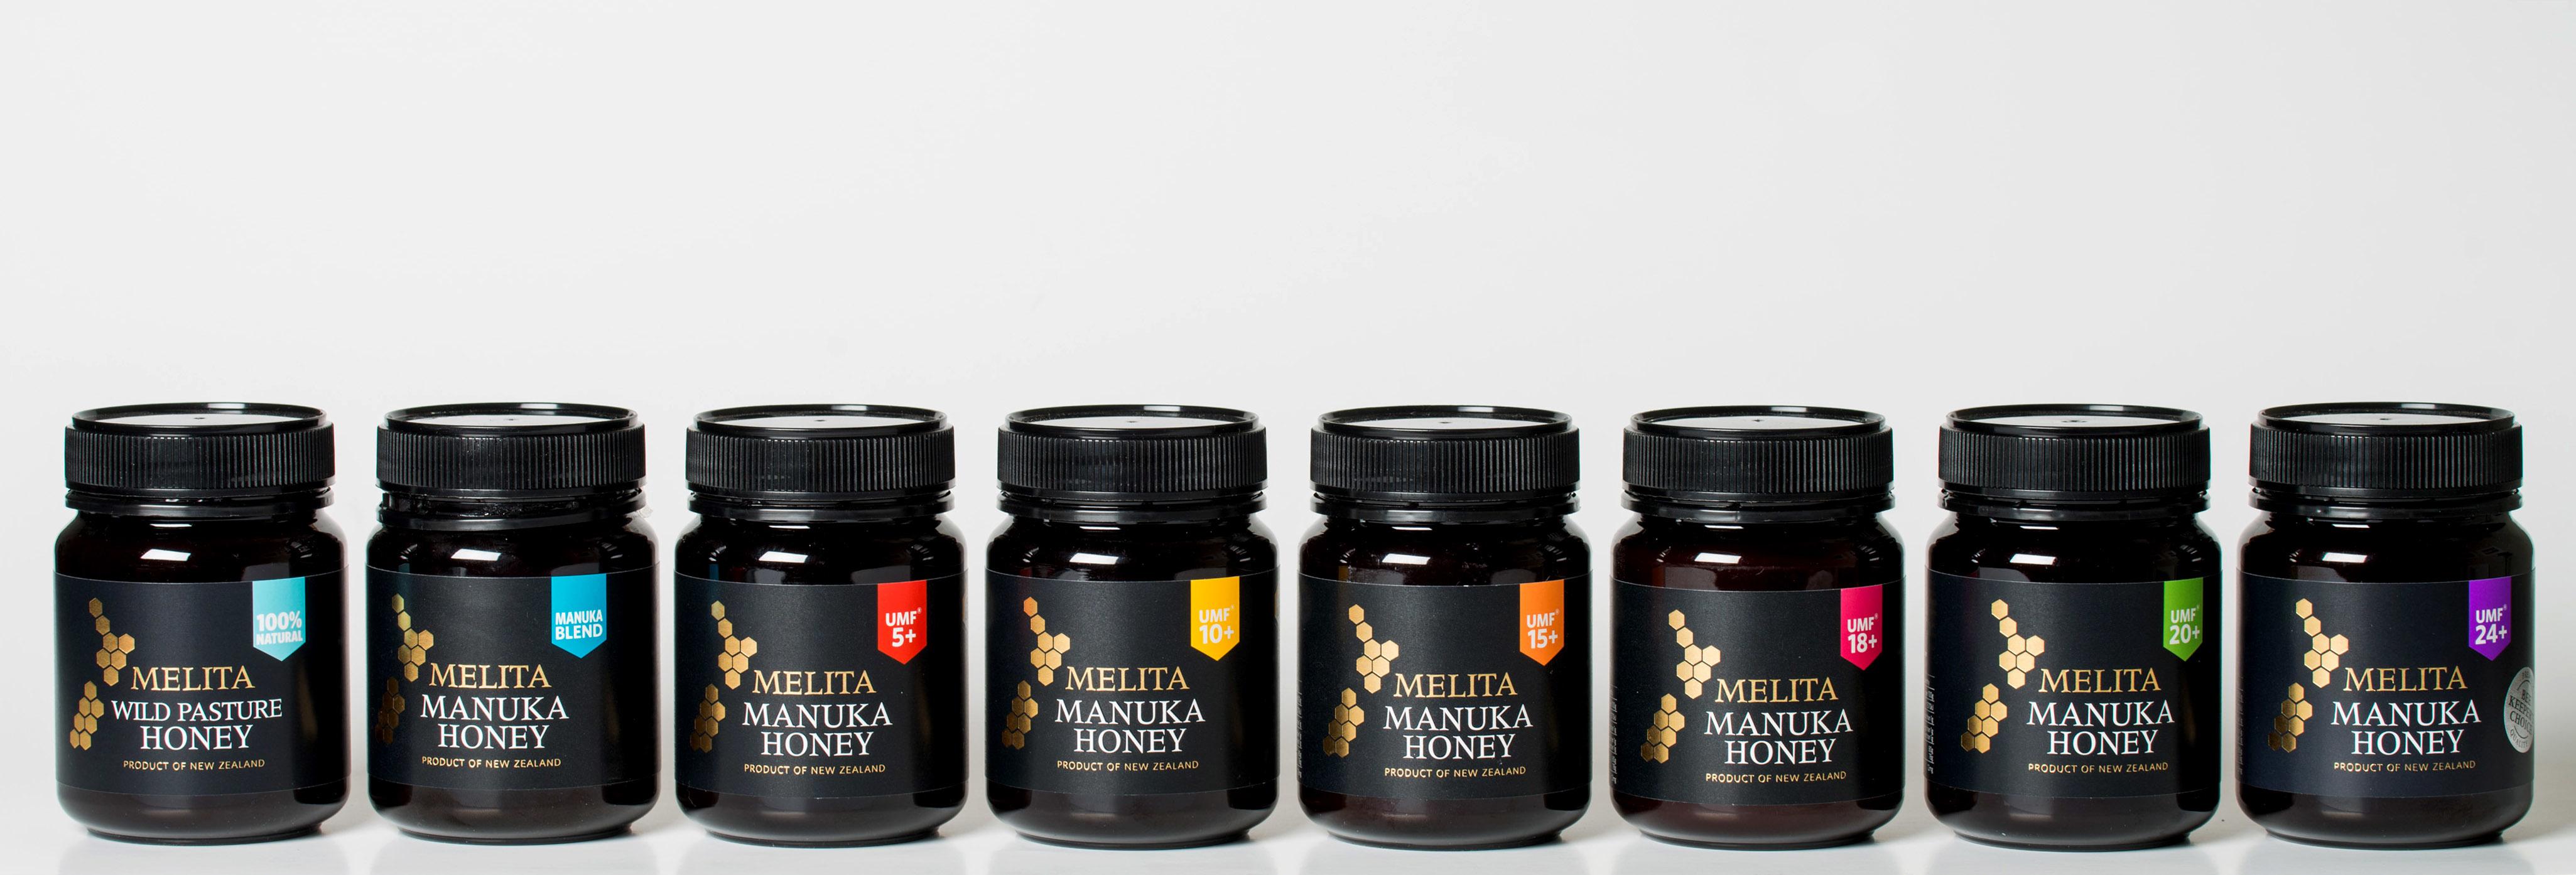 各种规格的新西兰蜂蜜麦卢卡——5+